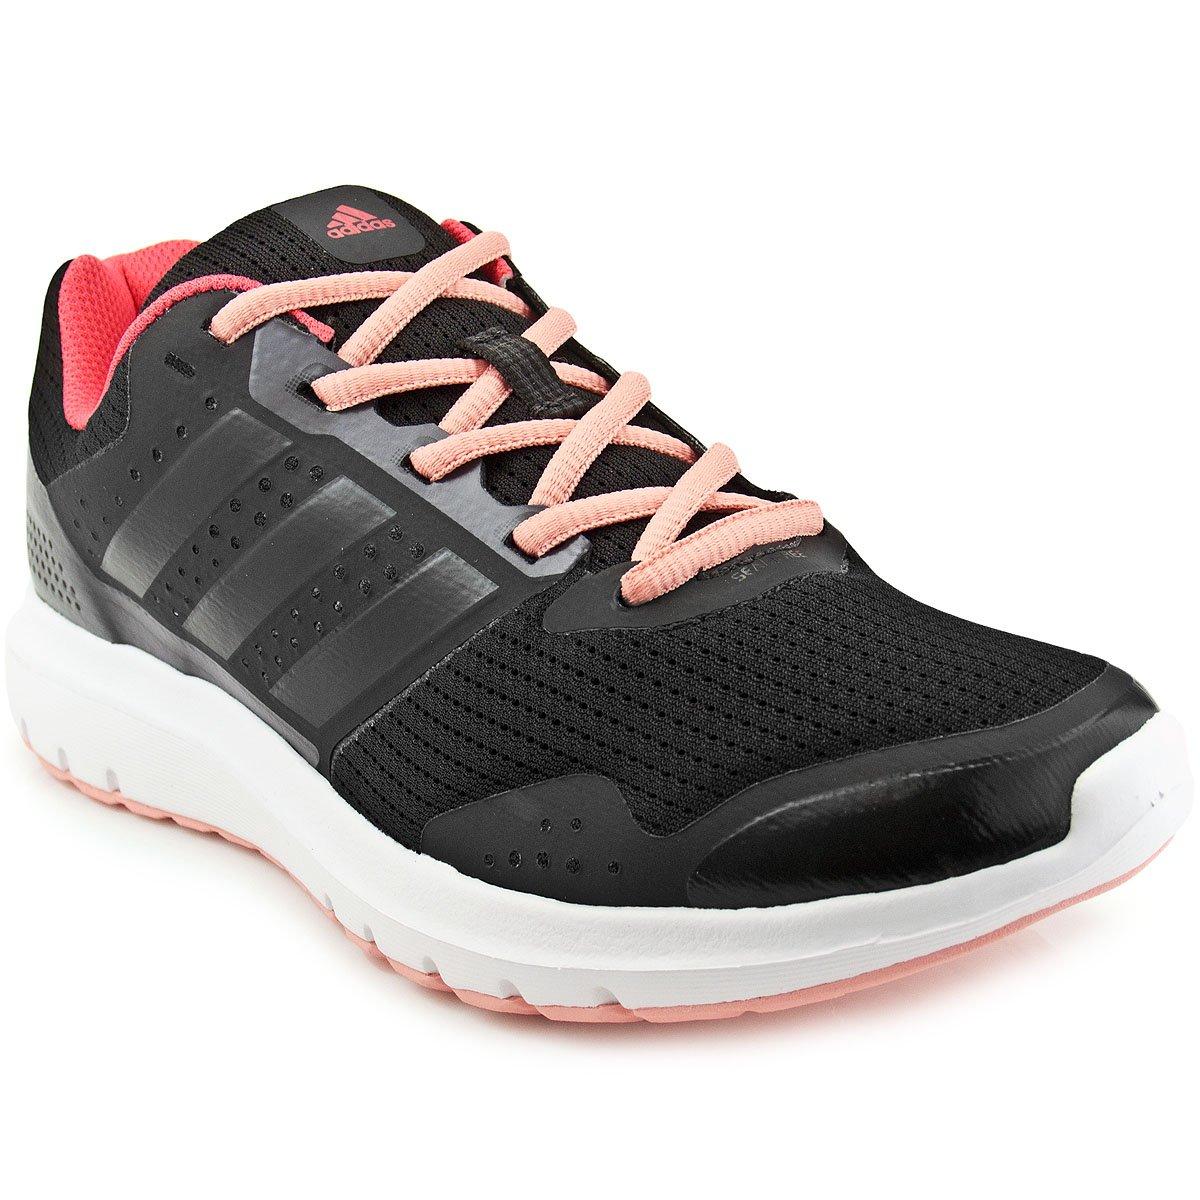 700534f3233 Tênis Adidas Duramo 7 W